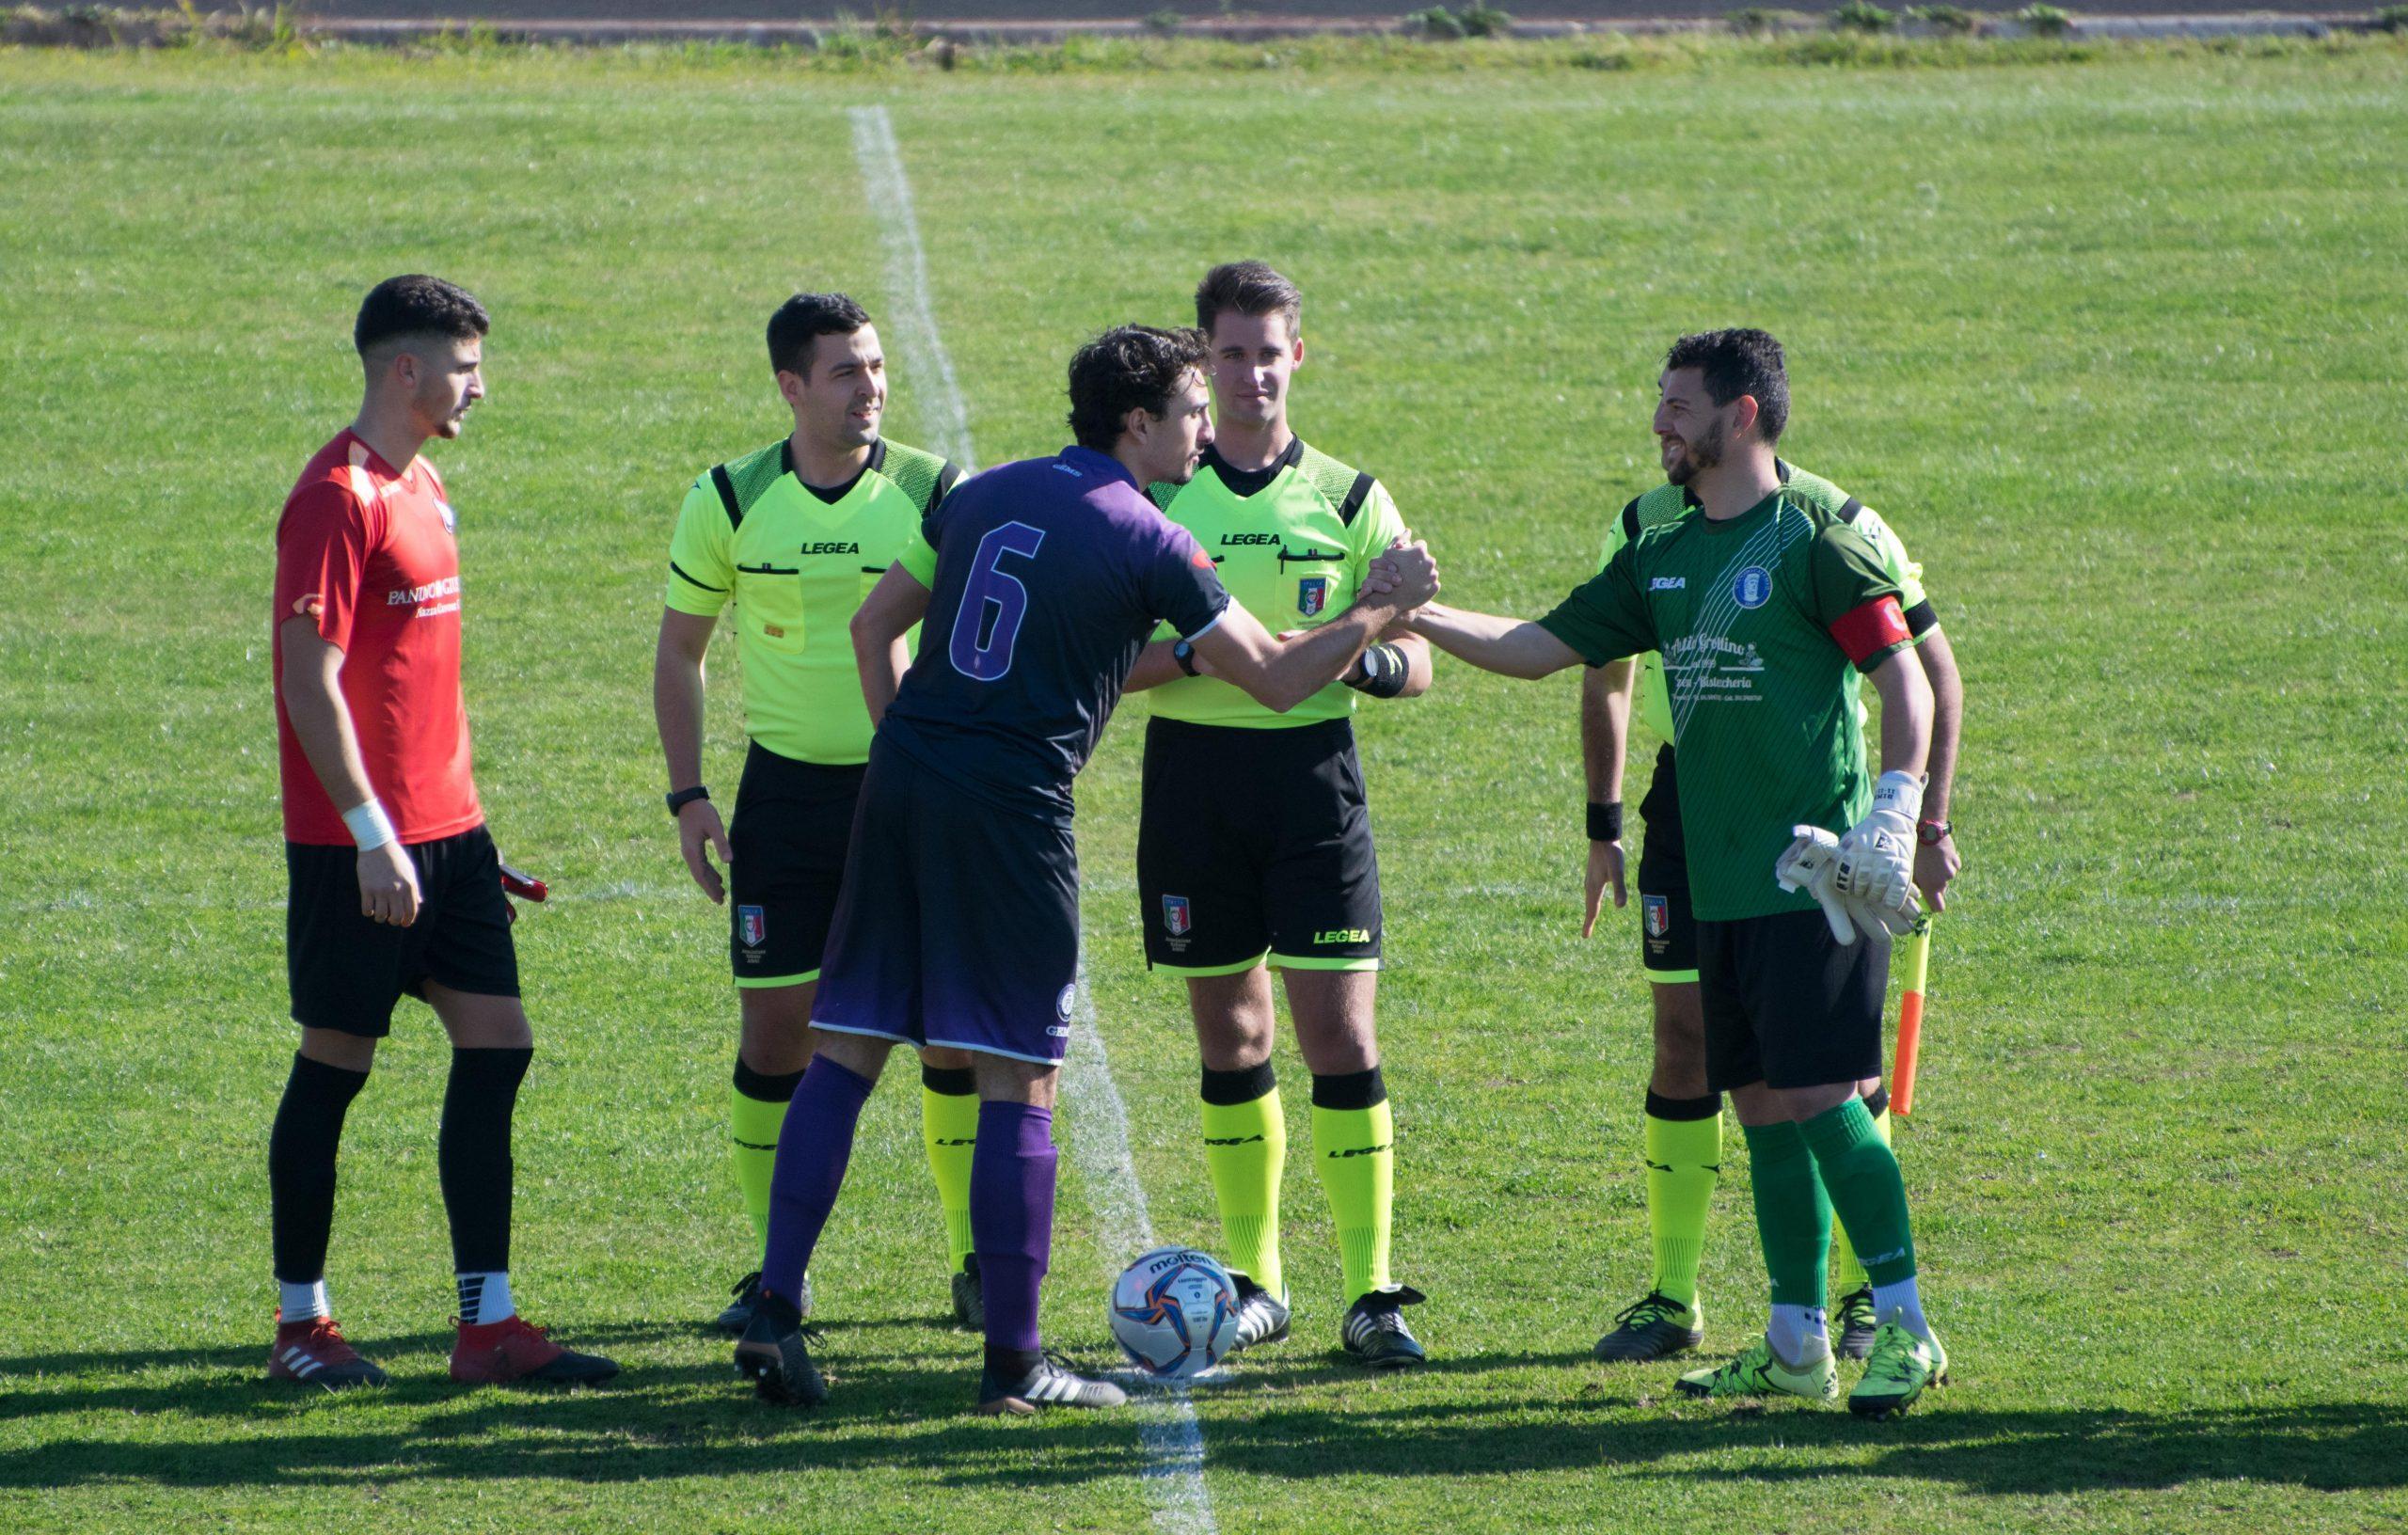 Calcio, Eccellenza, 23^ giornata: Anzio-Boreale Don Orione 2-1